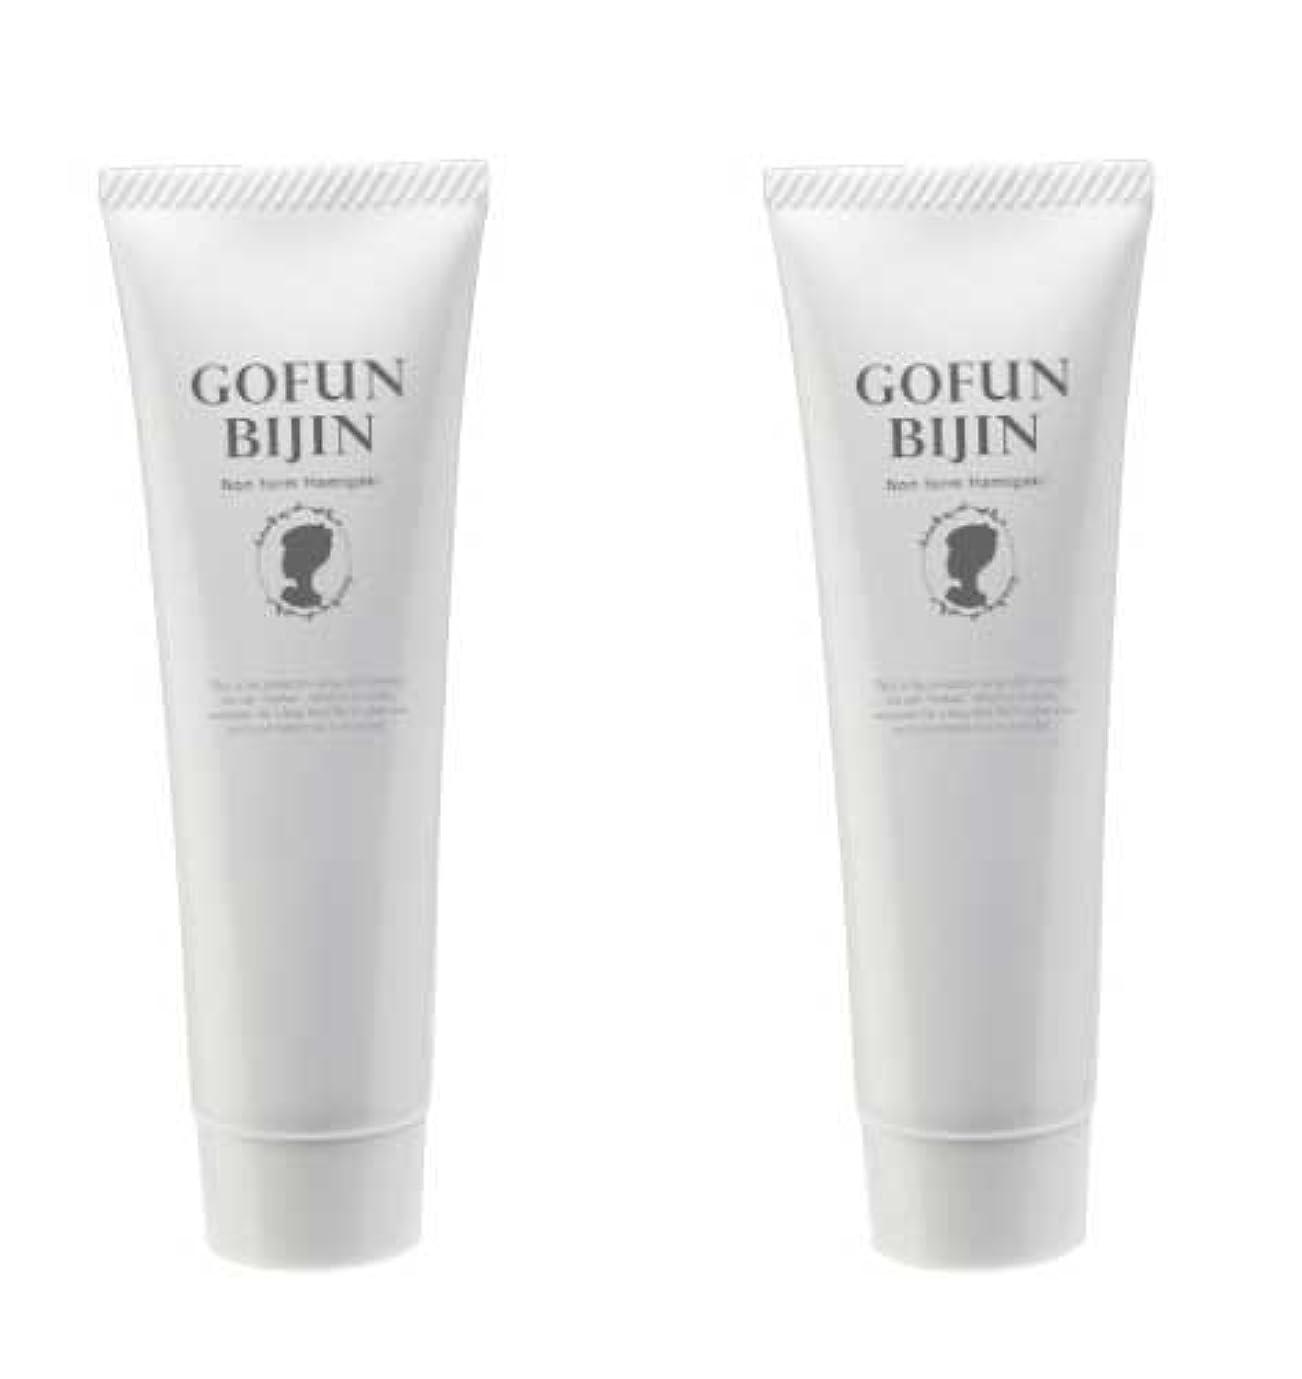 必要条件些細取り替える胡粉美人ハミガキ 2個セット(歯のホワイトニング歯磨き粉 ノンフォームタイプ)